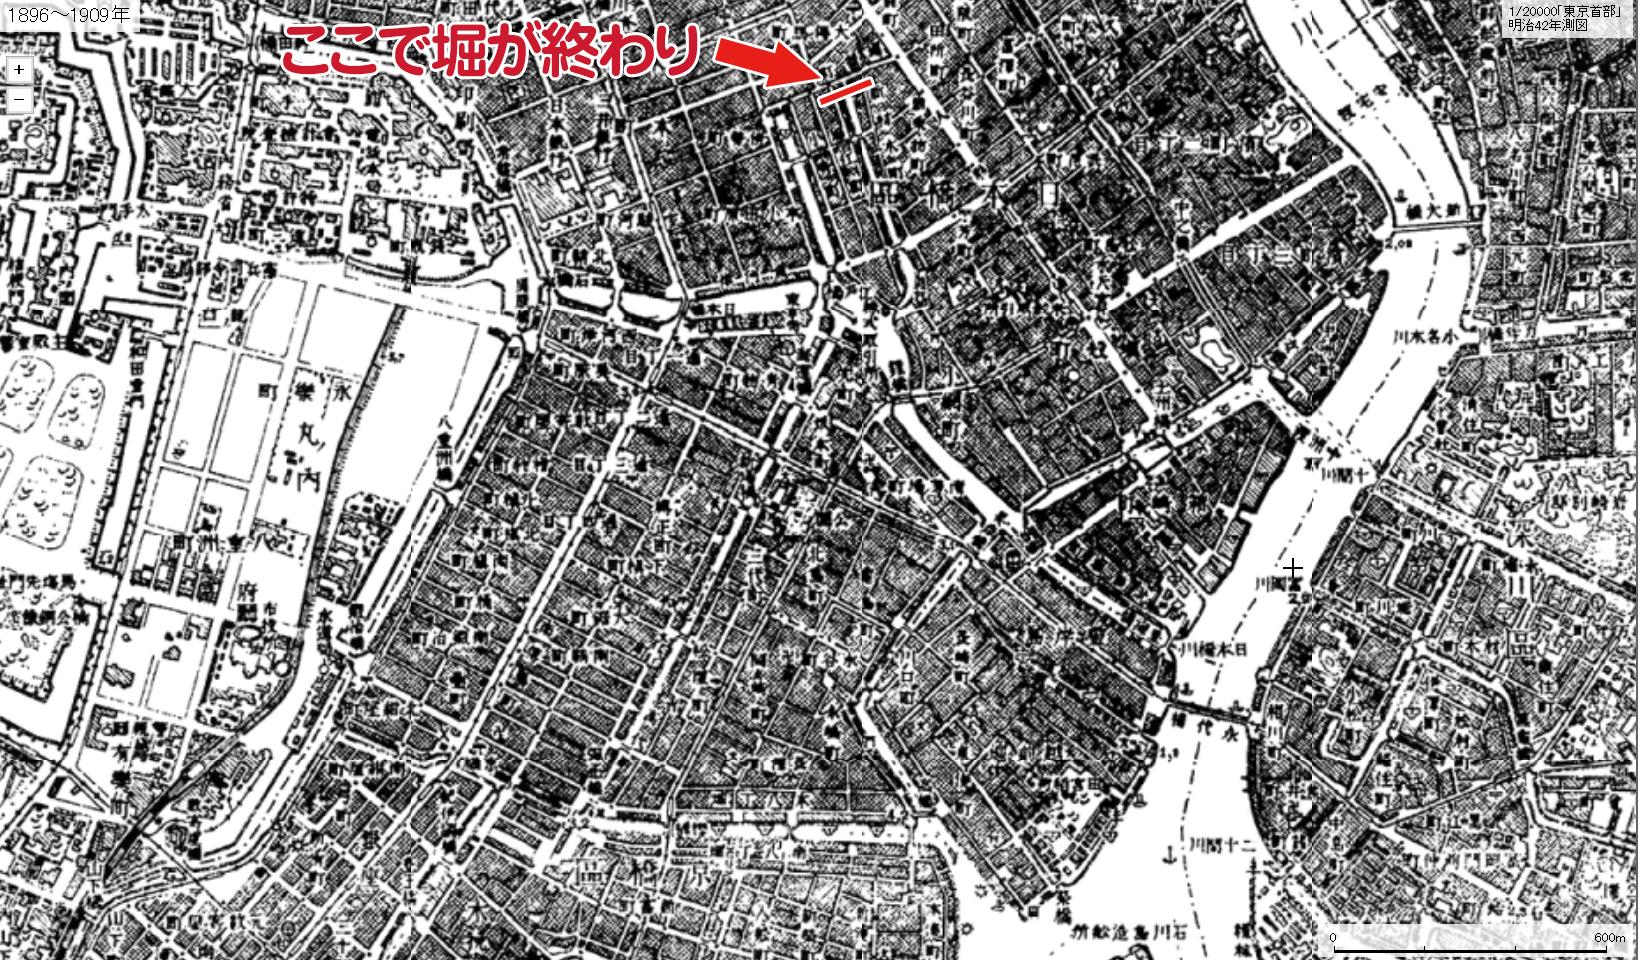 東京の様々な地名の由来 ~日本橋堀留町(東京都中央区)~【連載:アキラの着目】